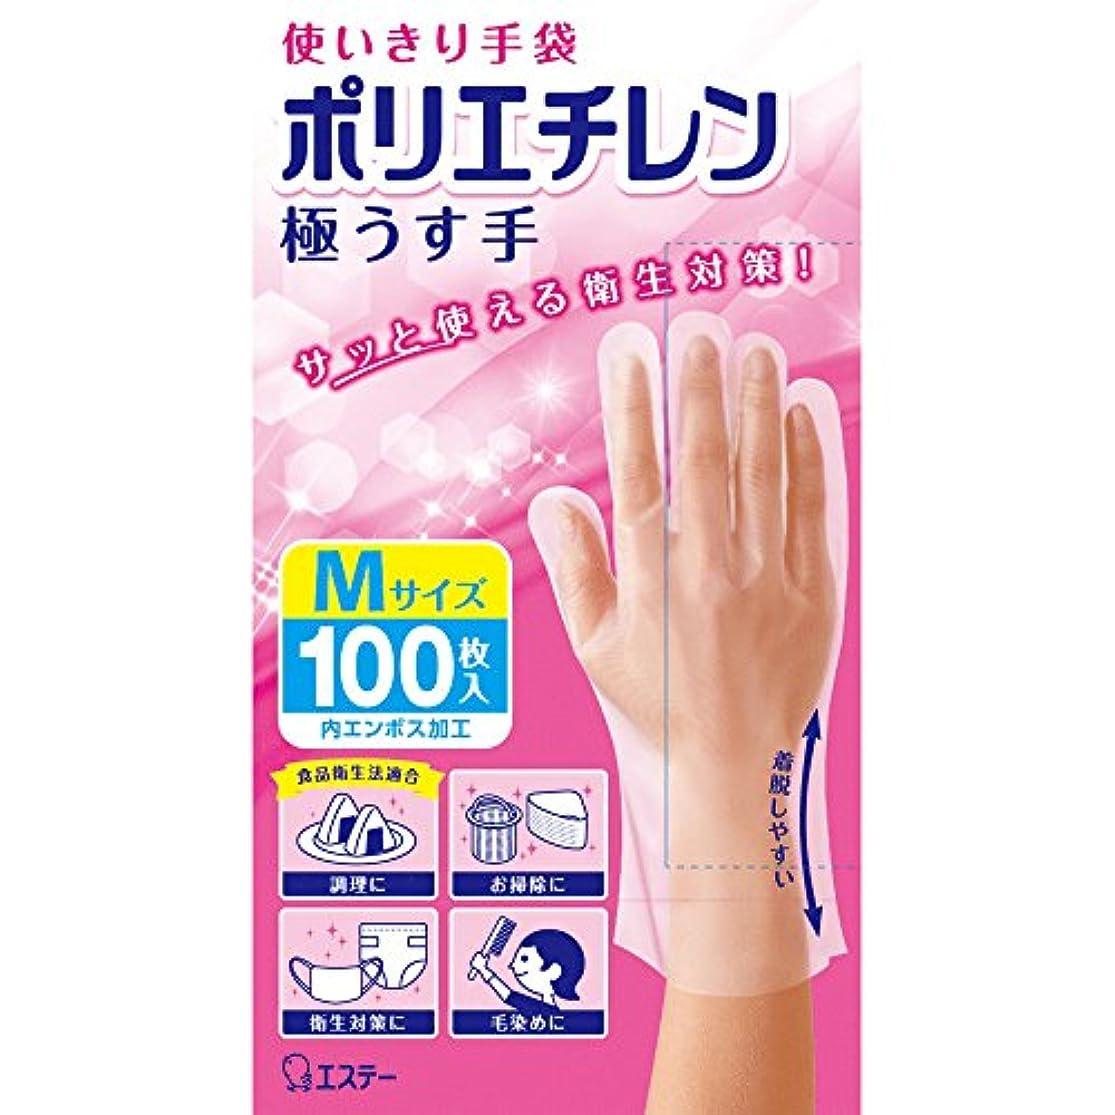 福祉製品克服する使いきり手袋 ポリエチレン 極うす手 Mサイズ 半透明 100枚